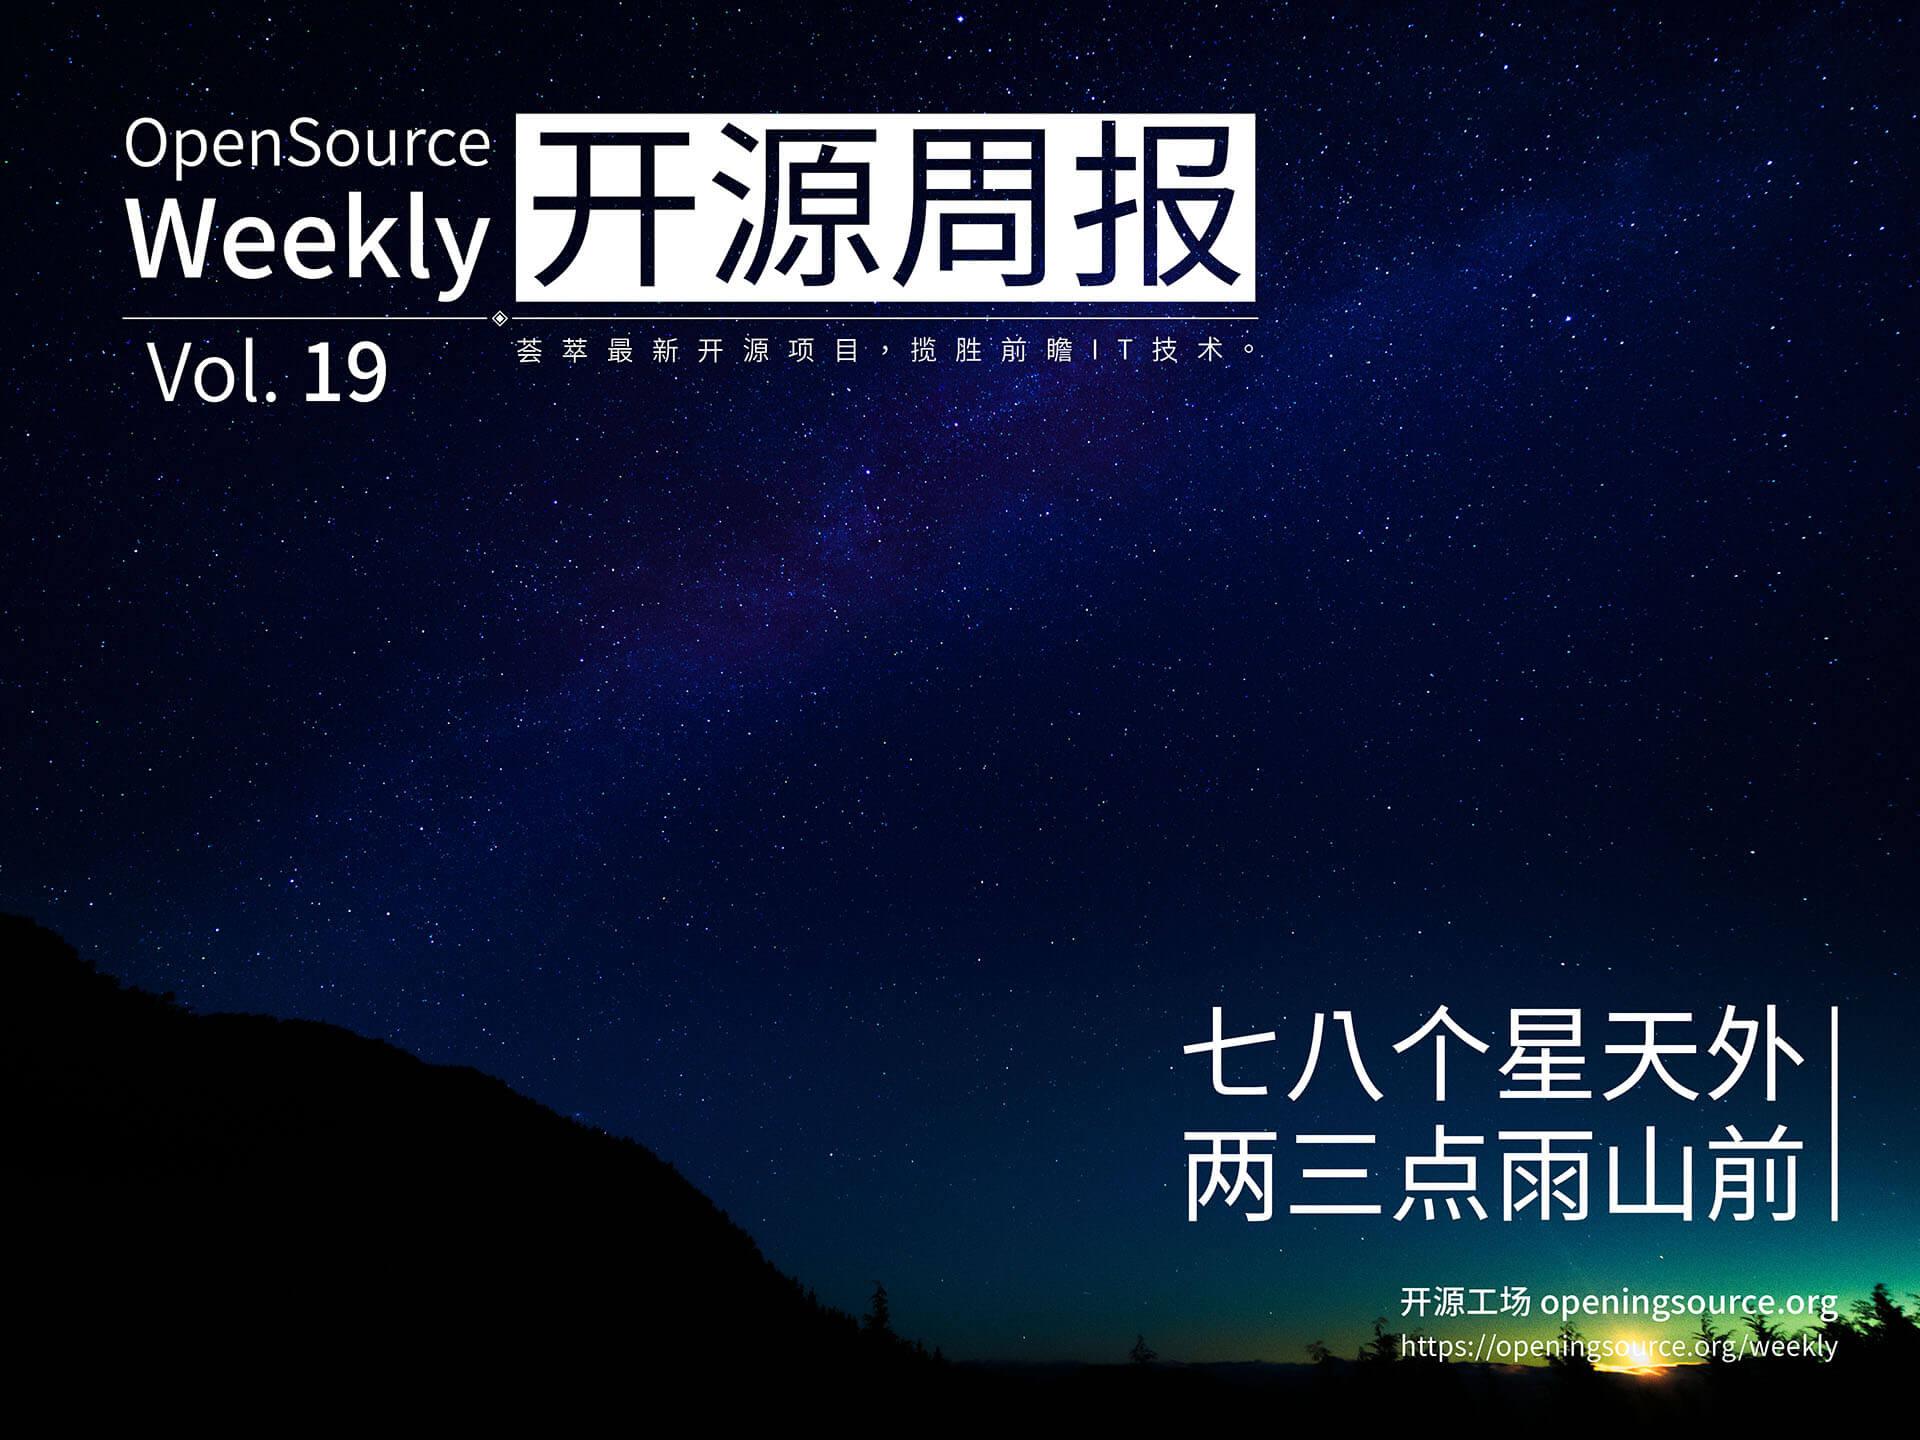 开源周报第19期:七八个星天外,两三点雨山前